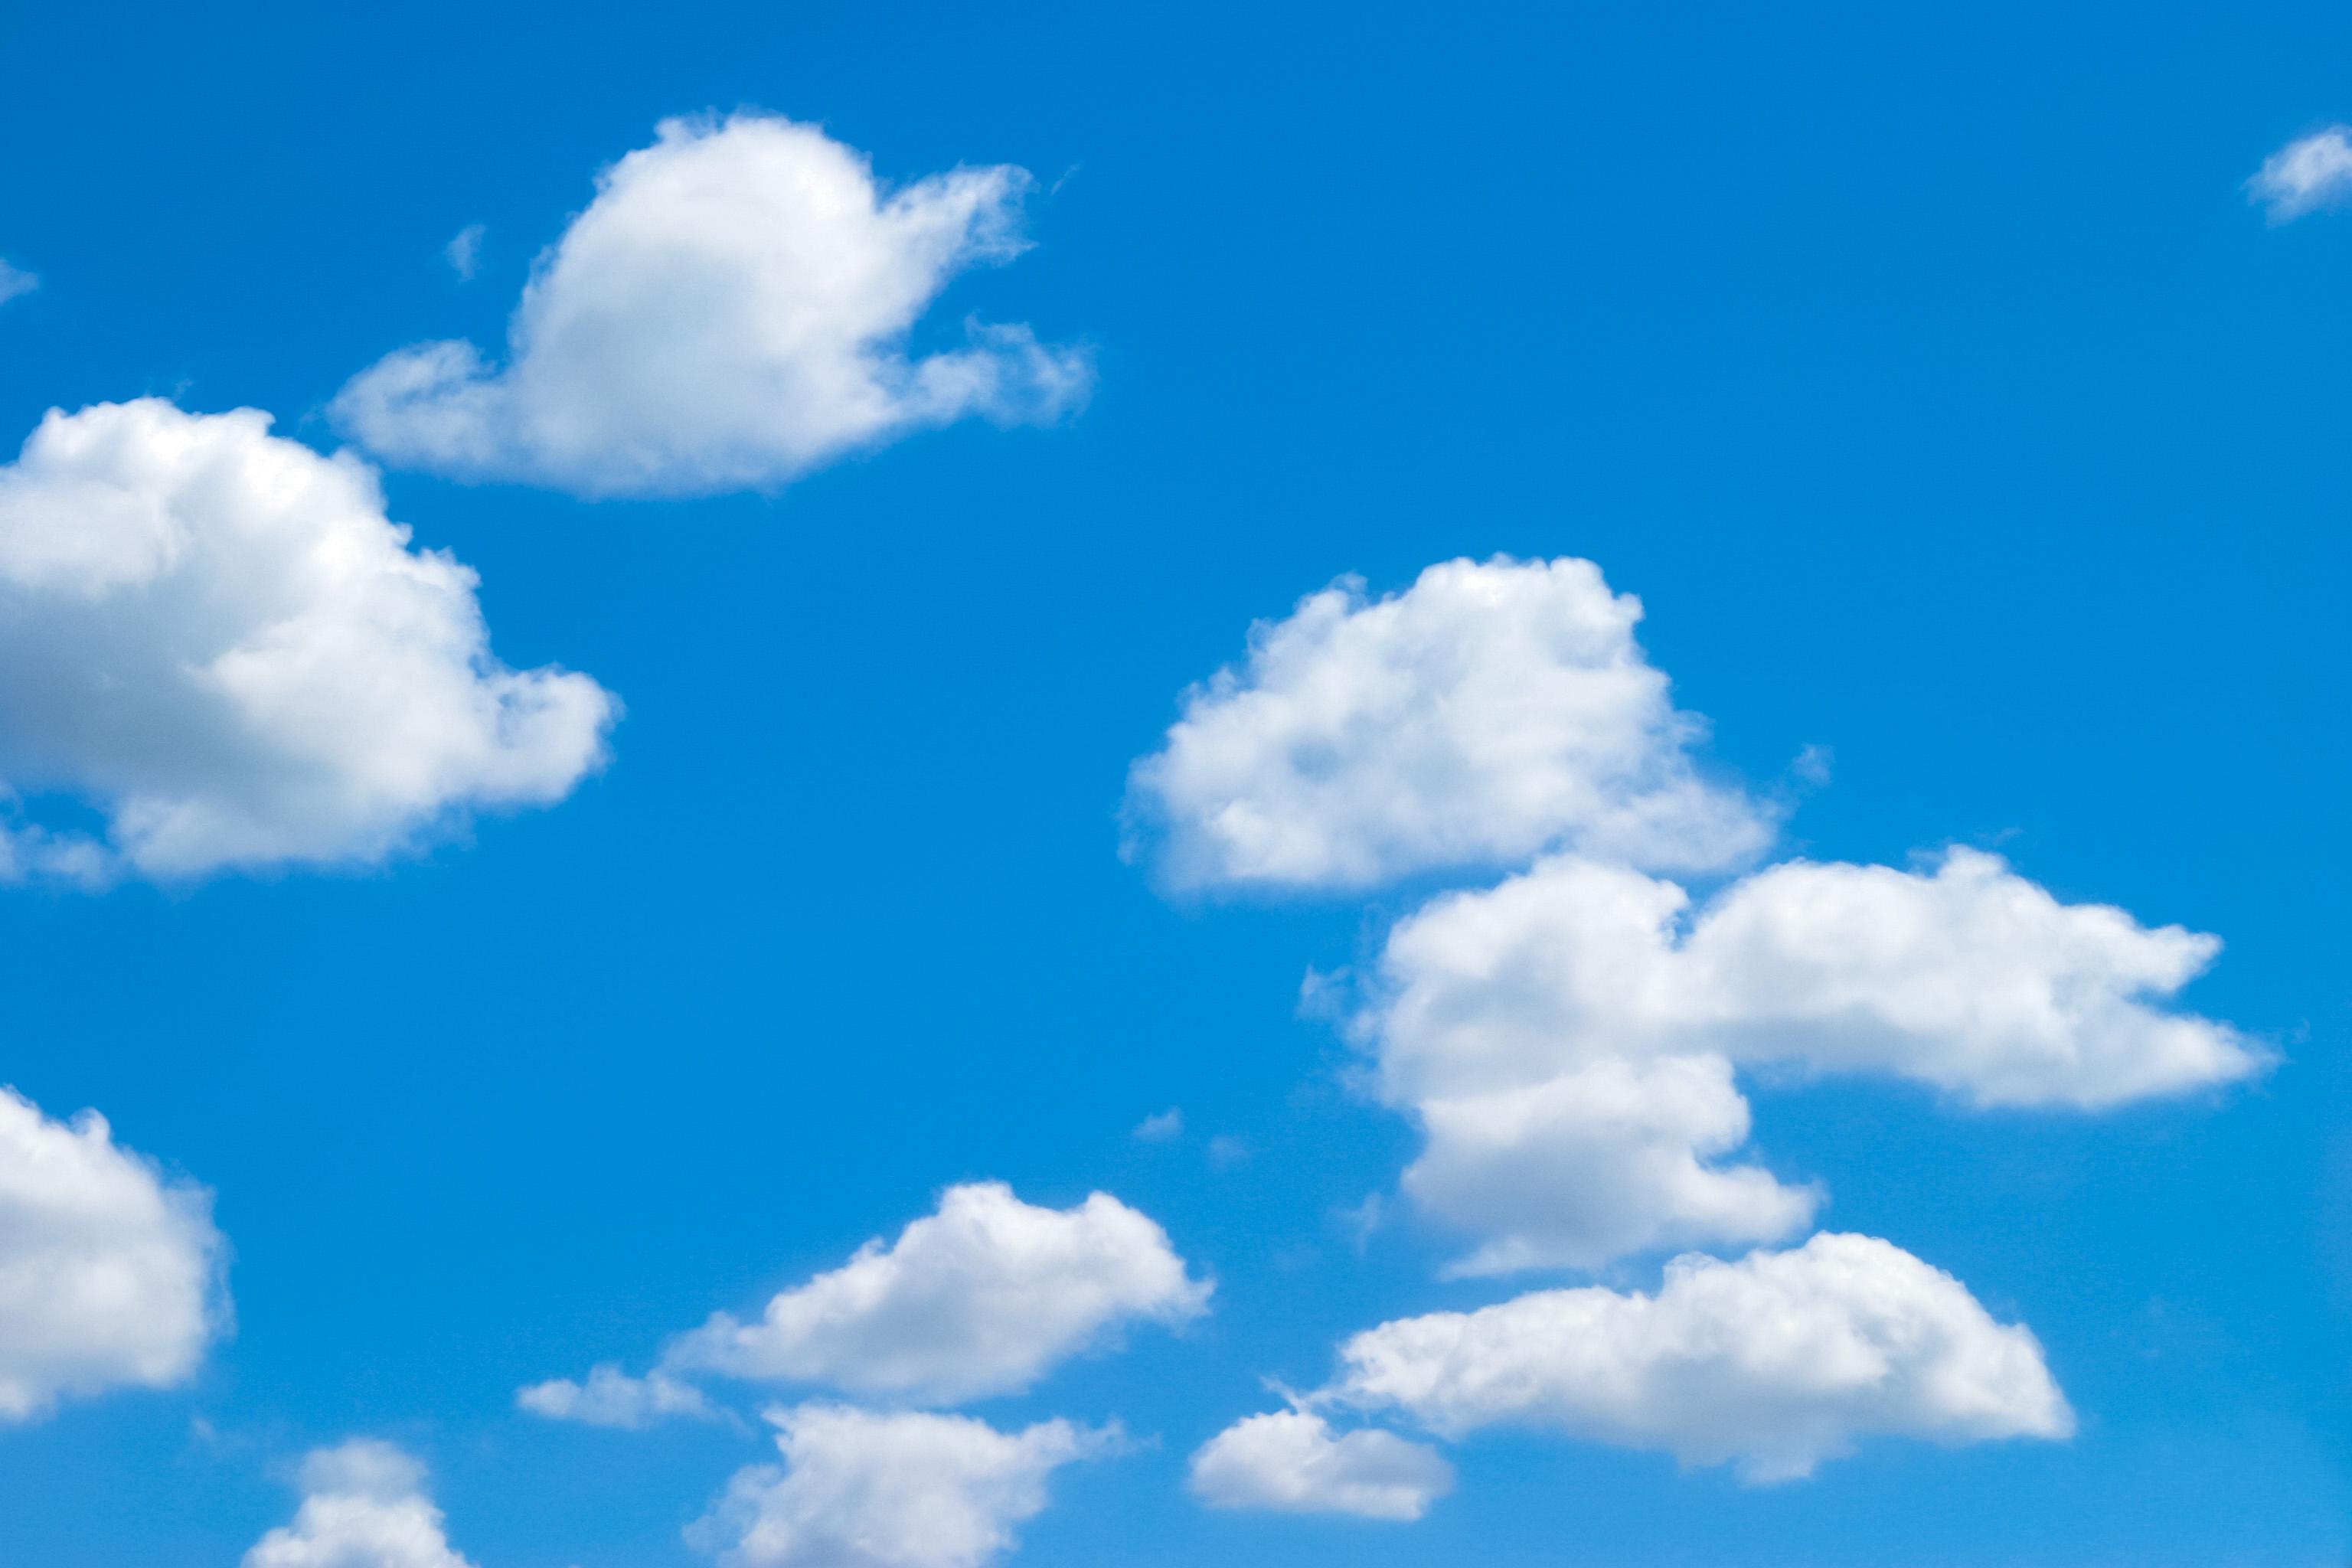 空の画像素材 | 空・青空・夕焼け・雲 | priga